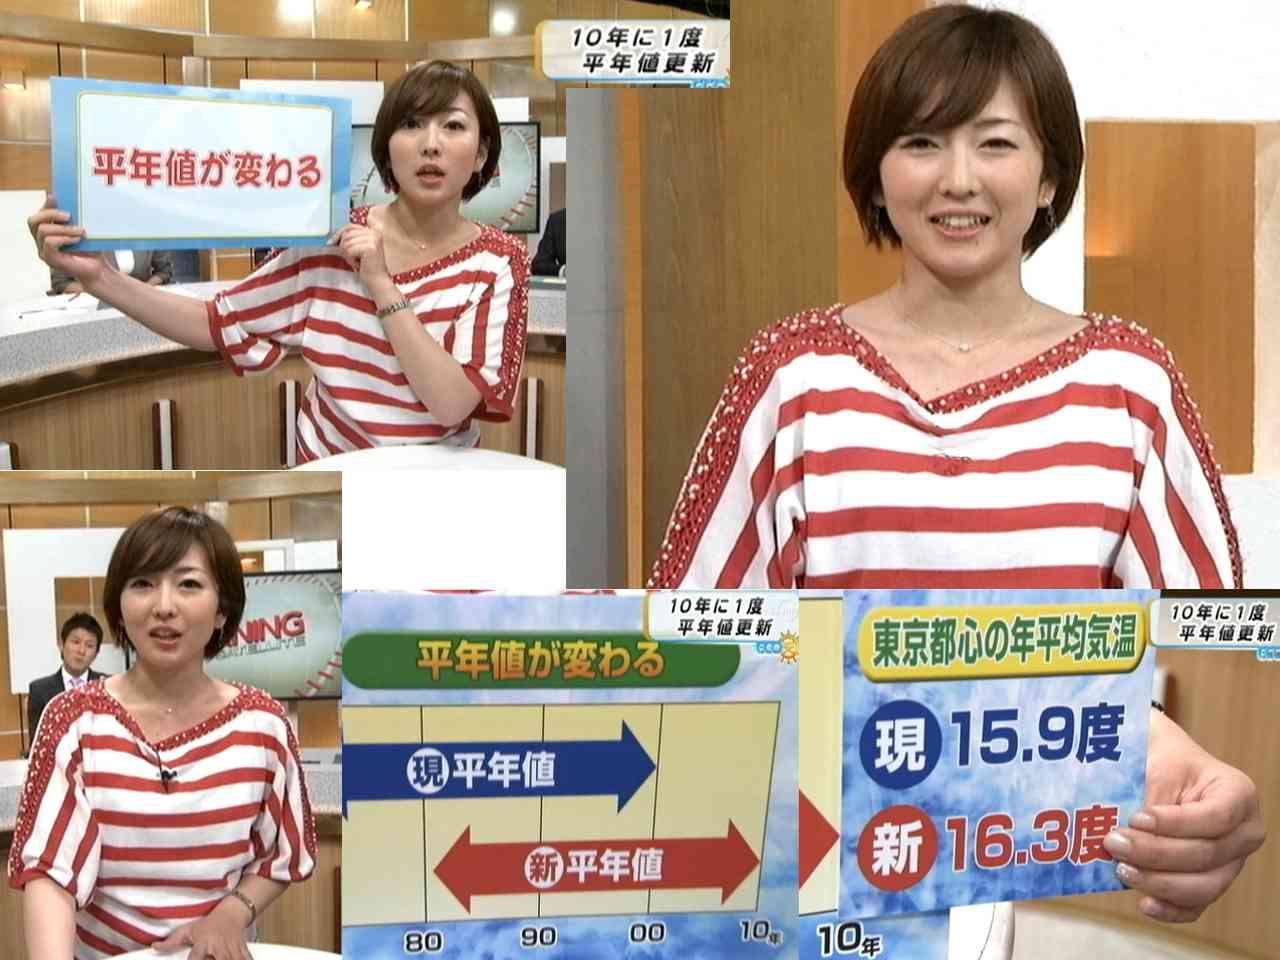 テレビ東京、大江麻理子アナの後任はジミ~で小粒…「モヤさま」は狩野恵里、「アド街」は須黒清華